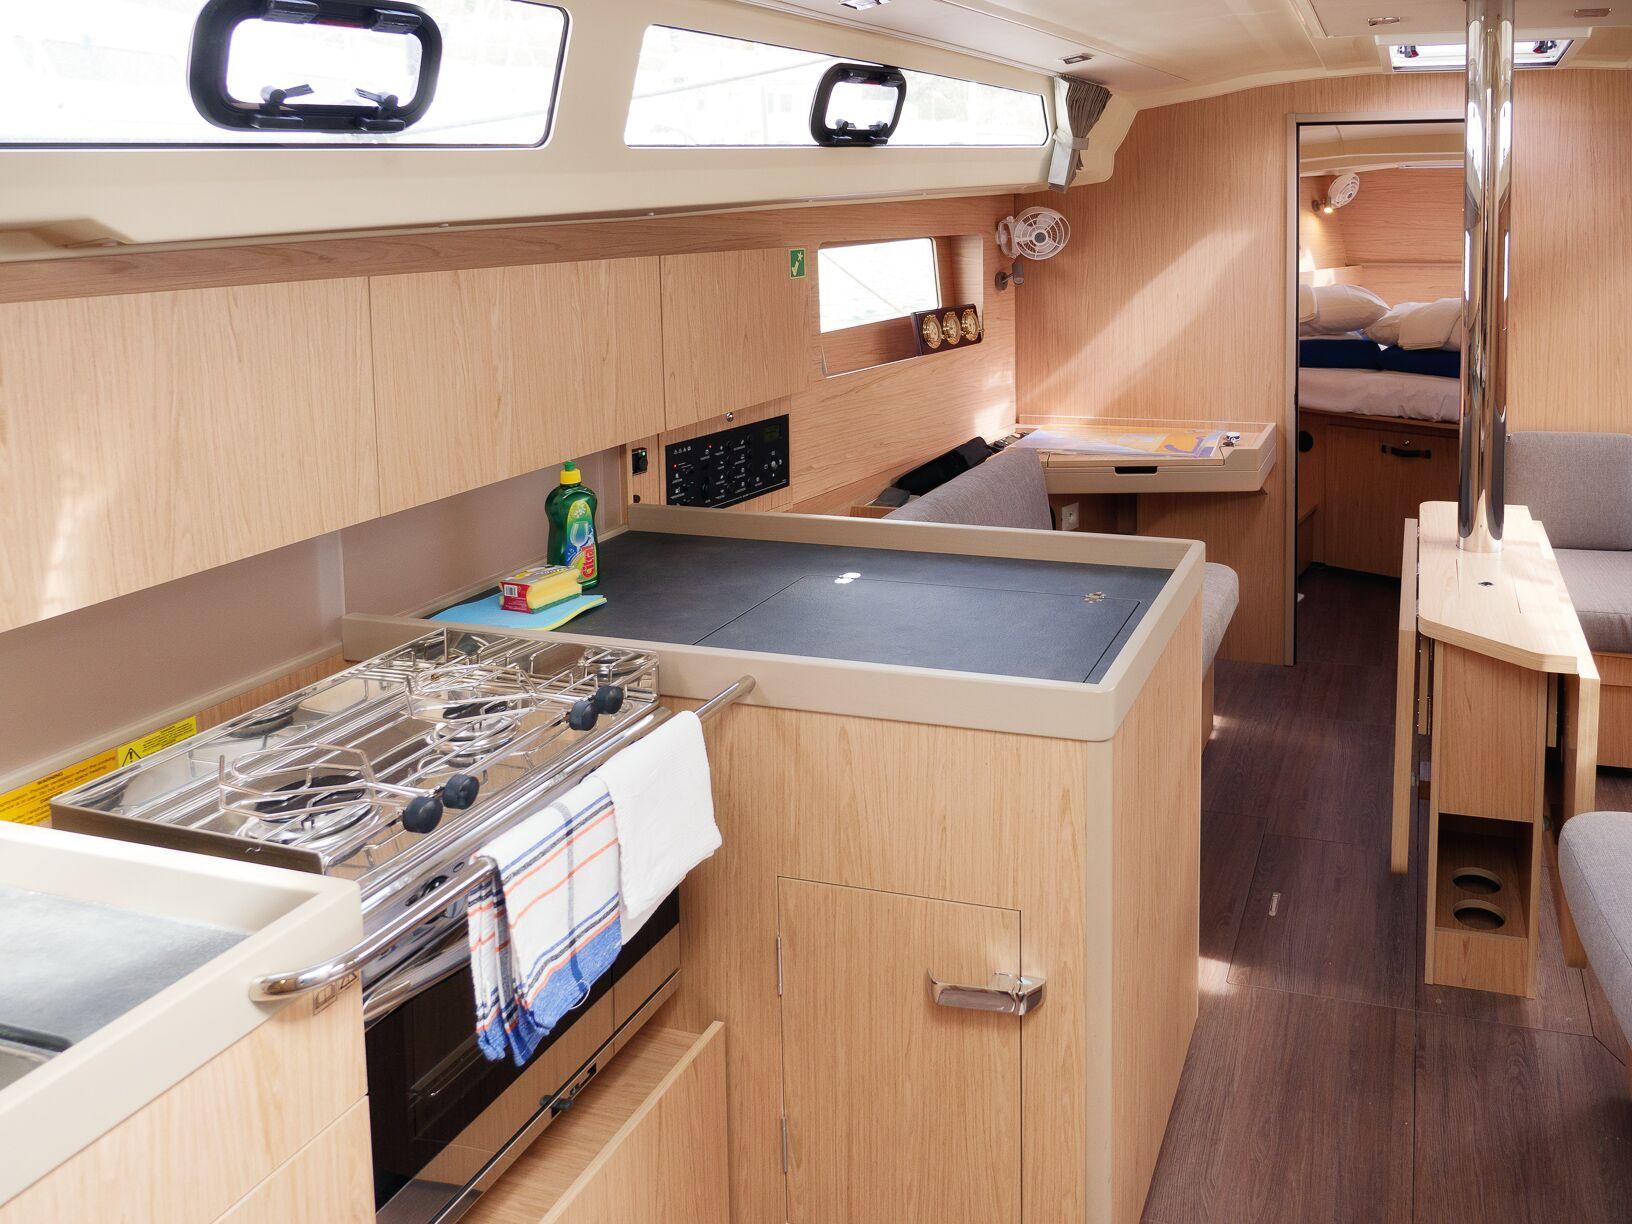 Oceanis 41.1 (GOA) Interior - kitchen (photo taken 2019) - 12